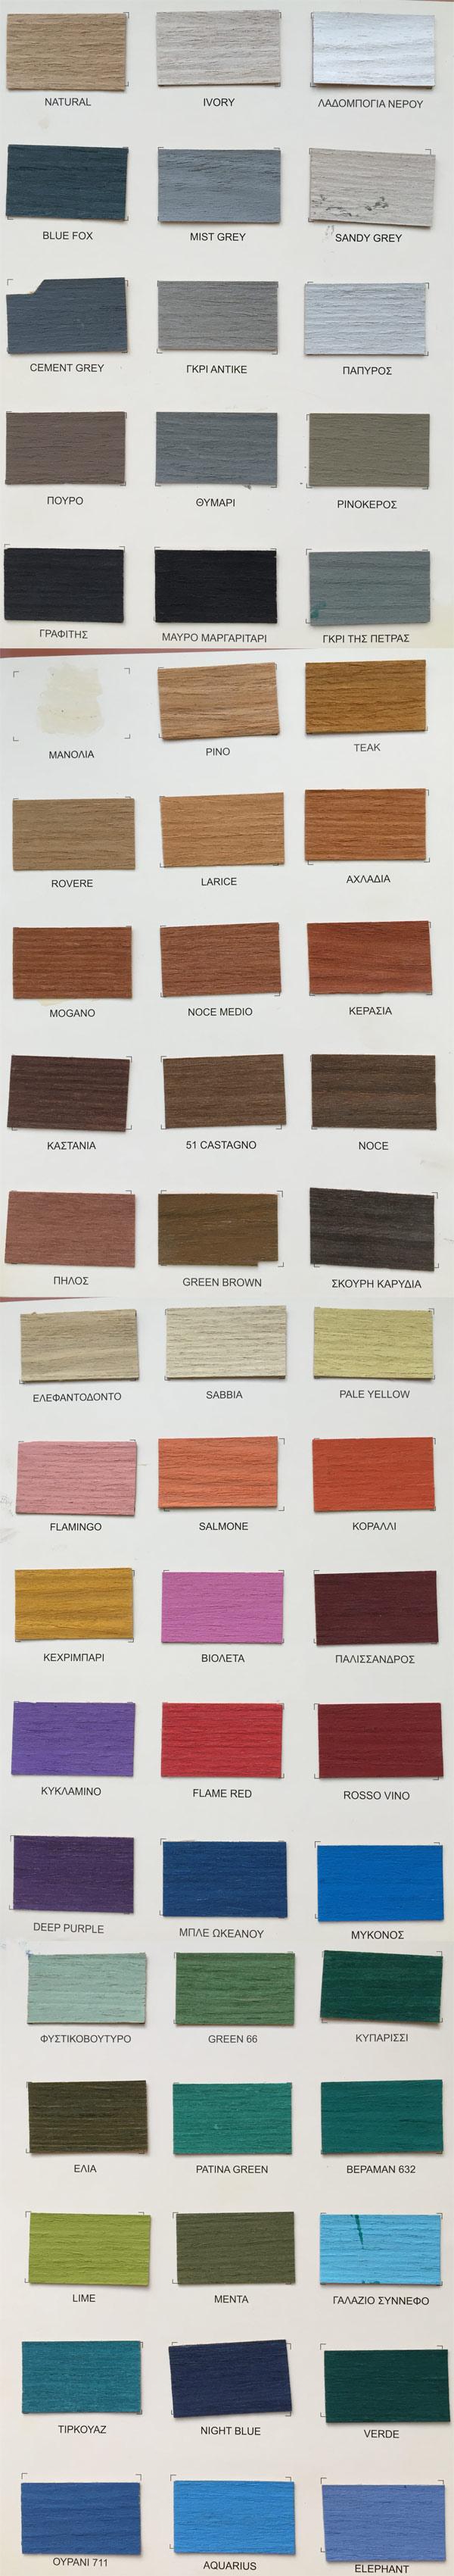 Χρωματολόγιο εμποτισμού για καρέκλες, τραπέζια και έπιπλα